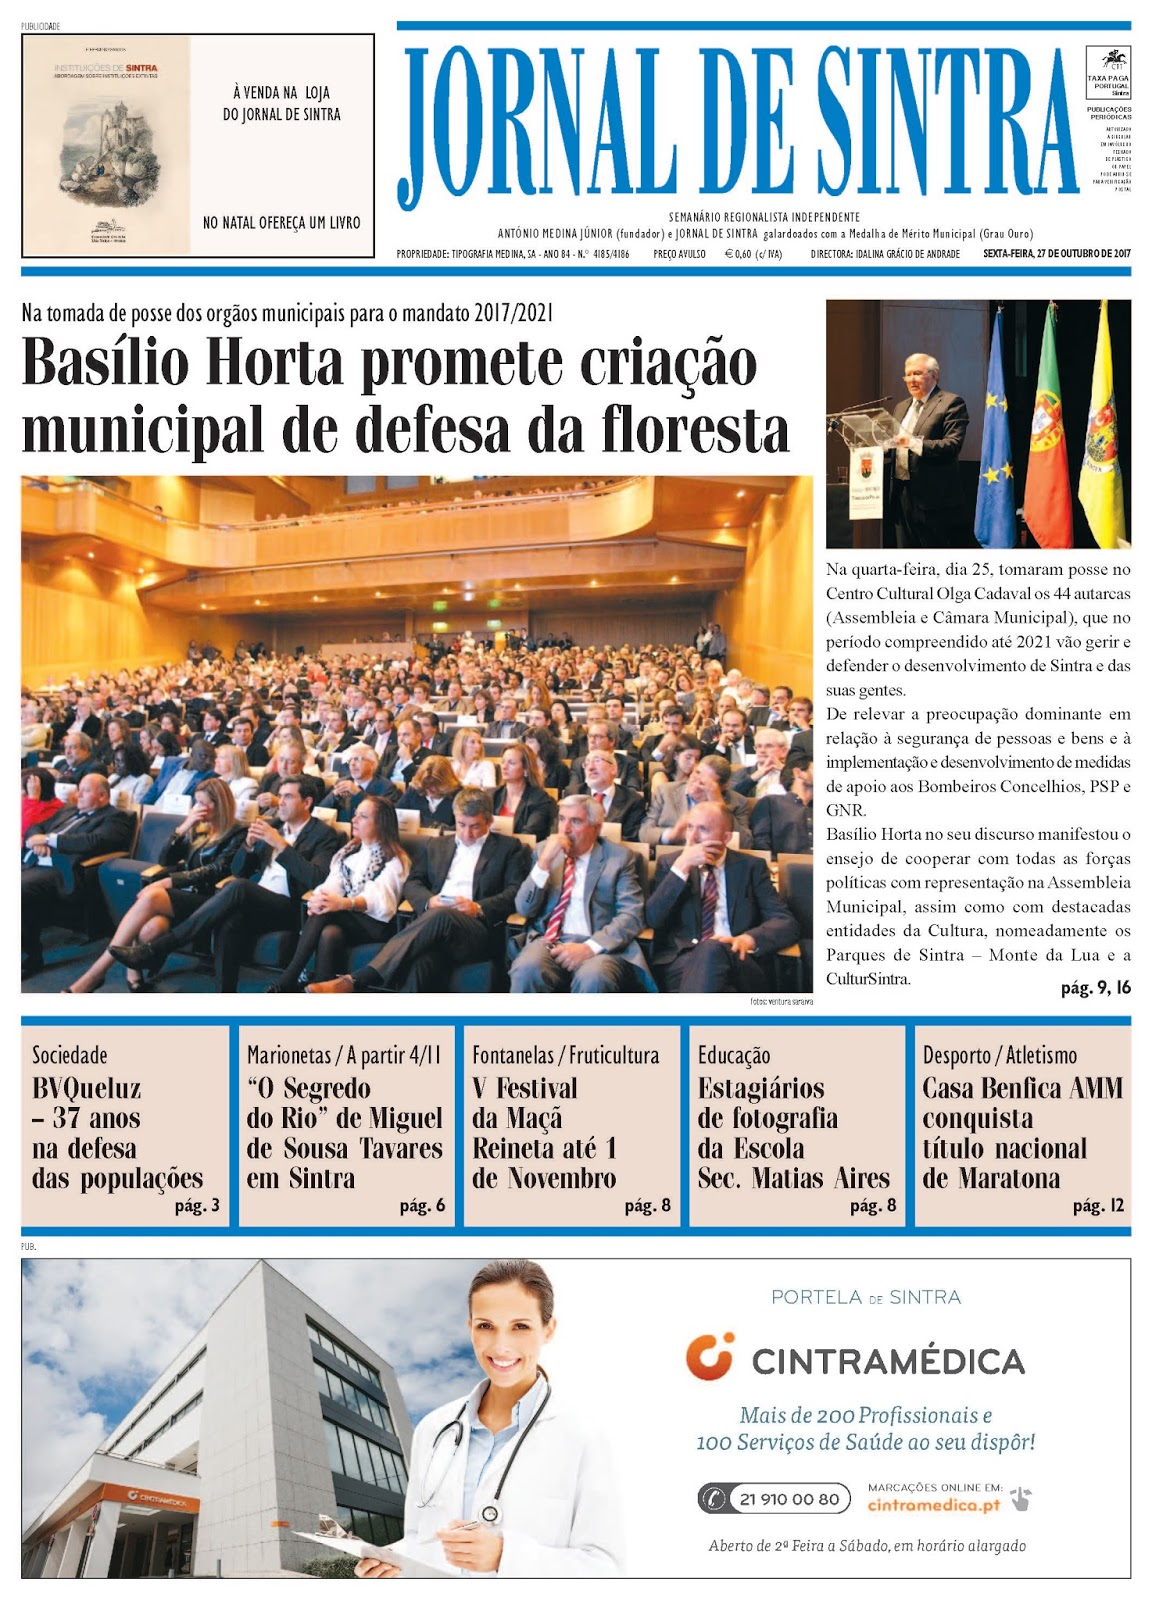 Capa da edição de 27-10-2017